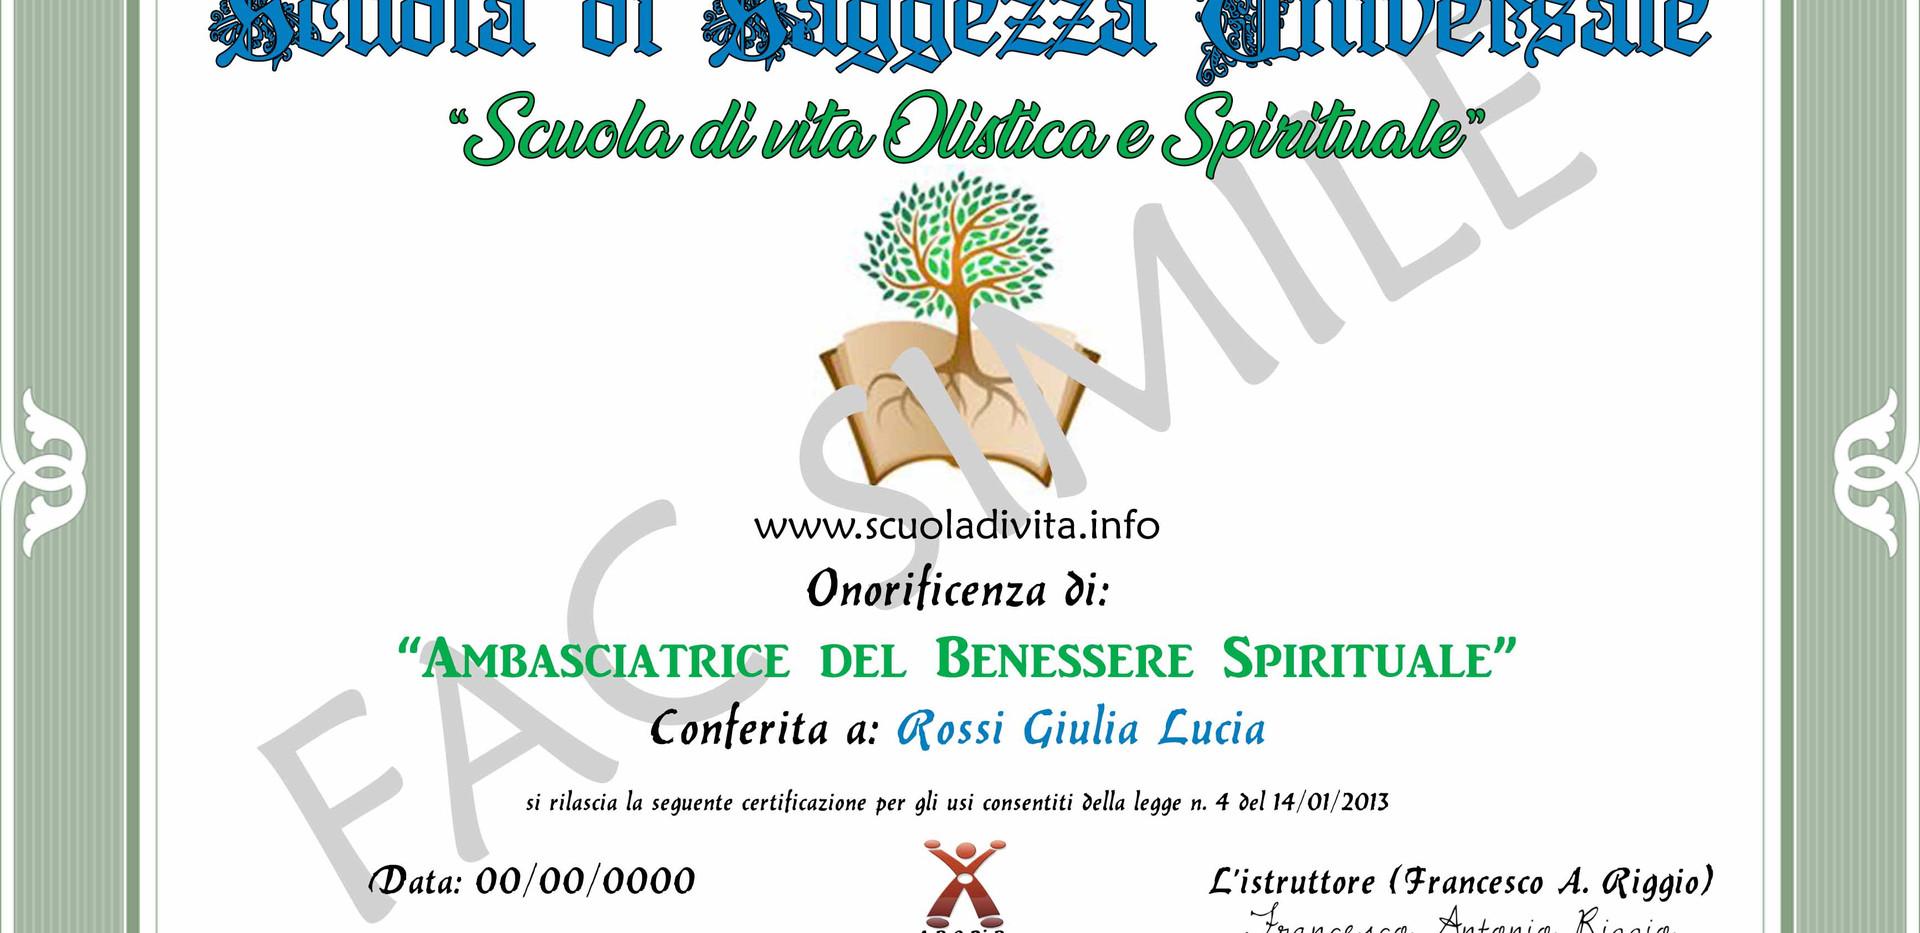 ONORIFICENZA DI AMBASCIATORE DEL BENESSE